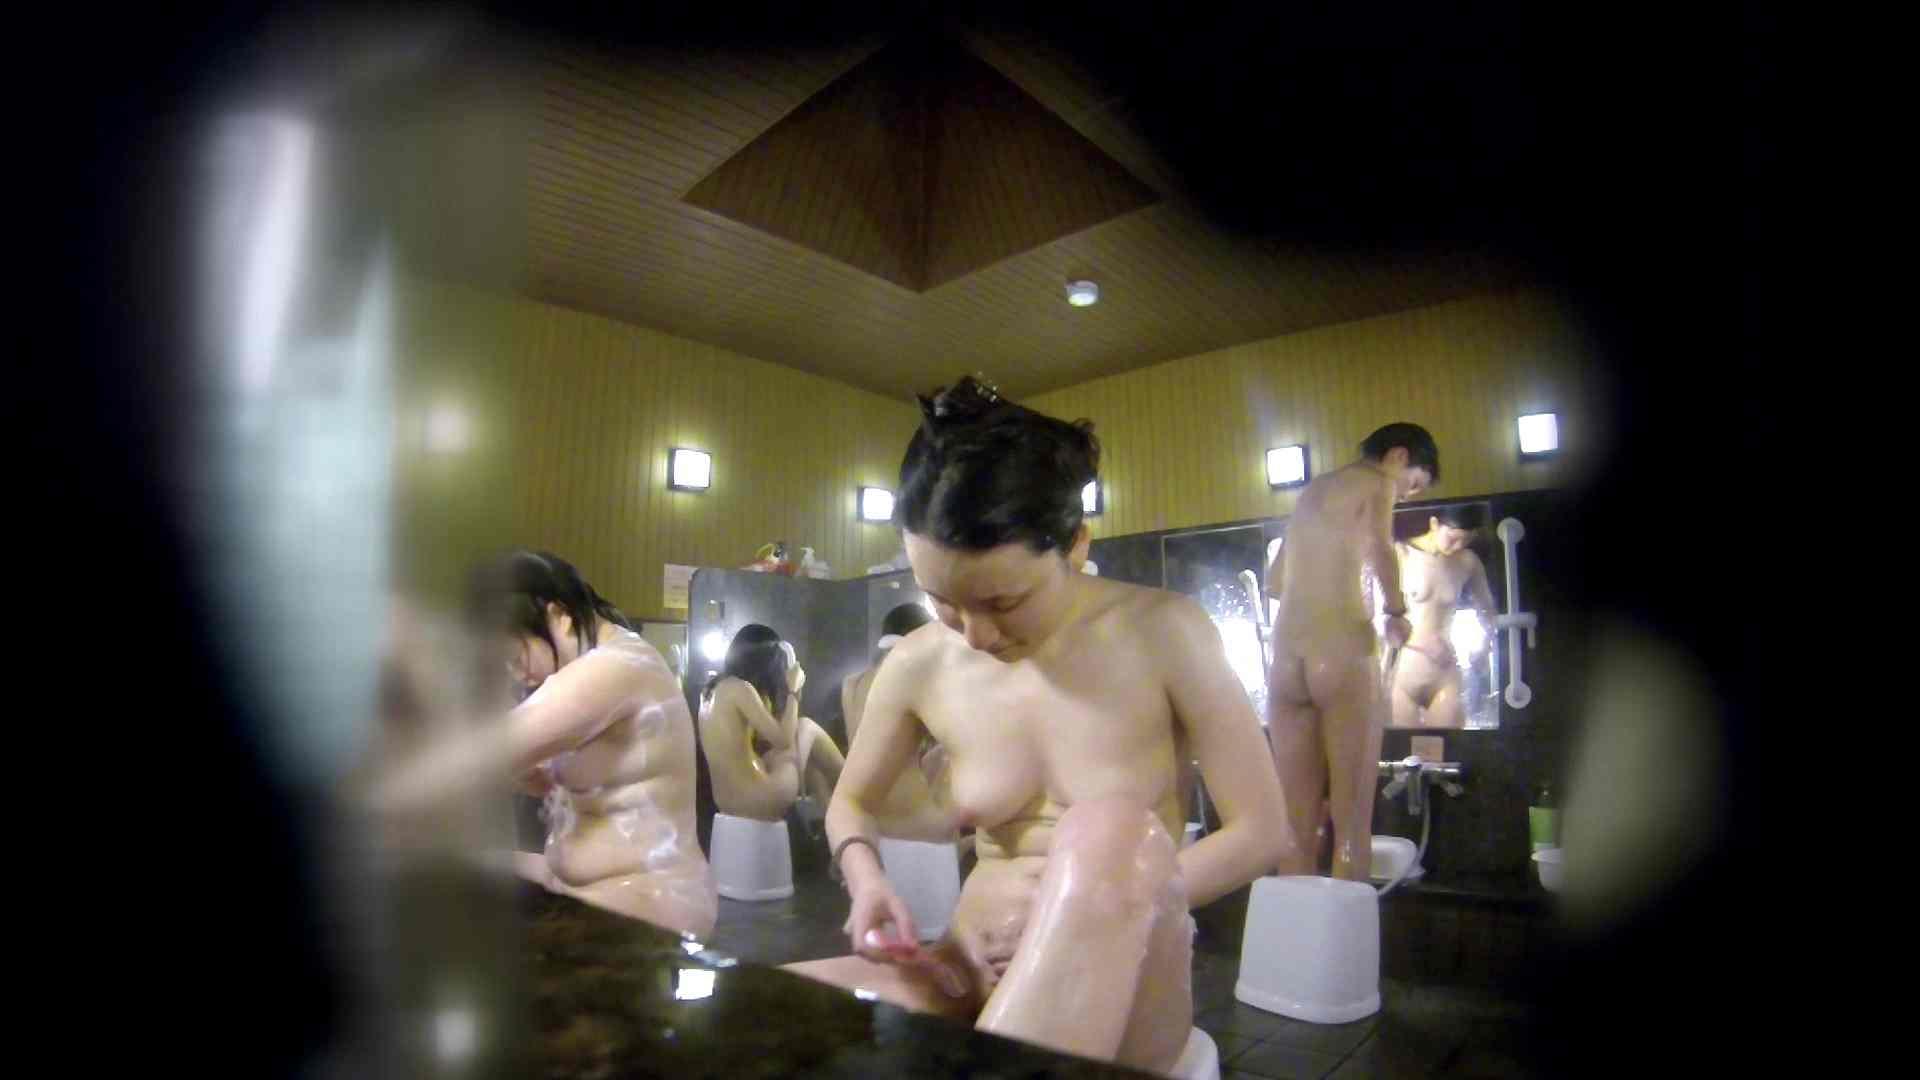 洗い場!アソコの毛辺の手入れで妄想が膨らみました。 女湯  109PIX 71